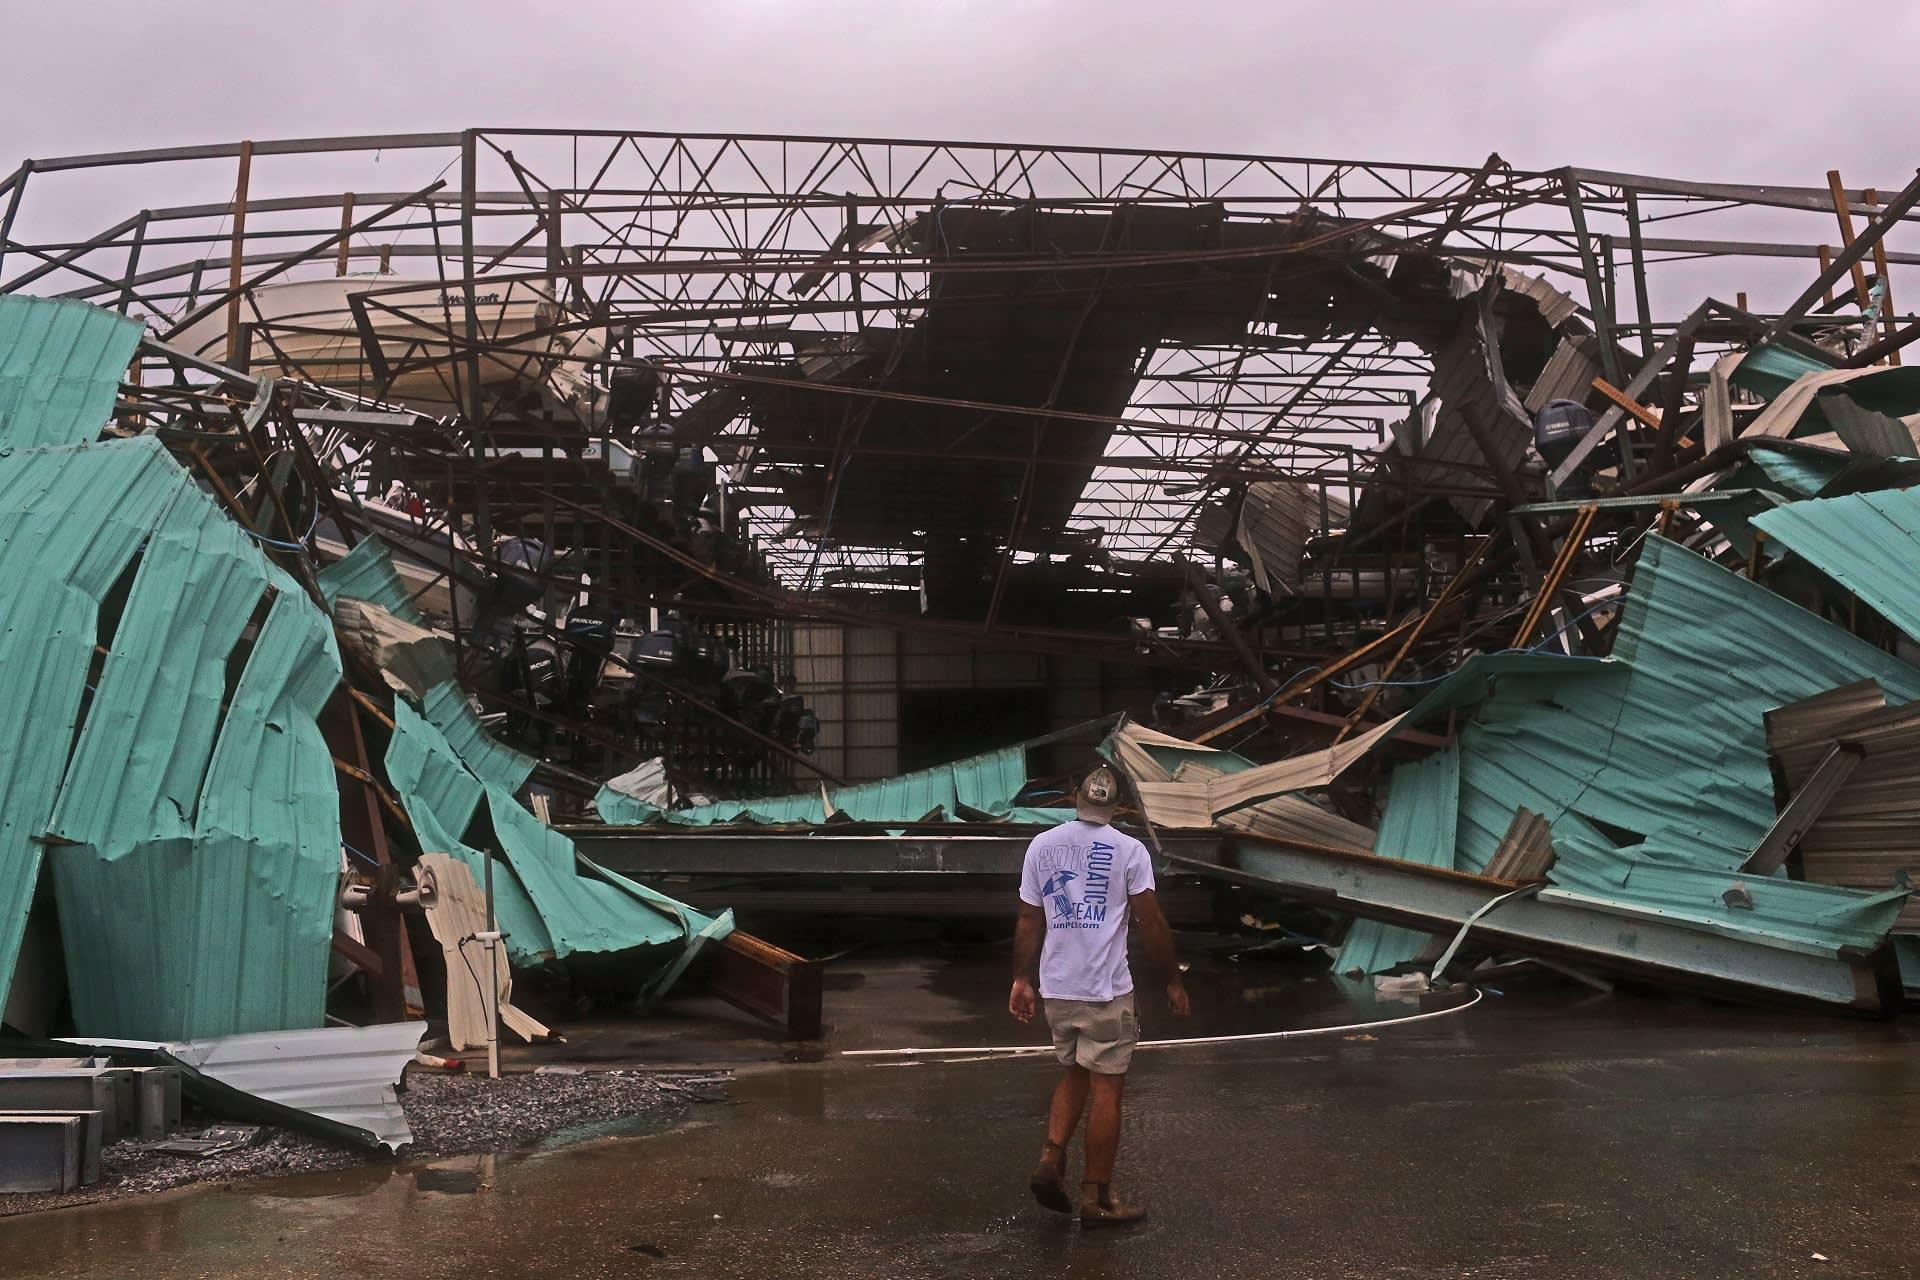 Hurrikaani riepotteli Panama Cityä, rakennuksen katto on lähtenyt kokonaan pois.